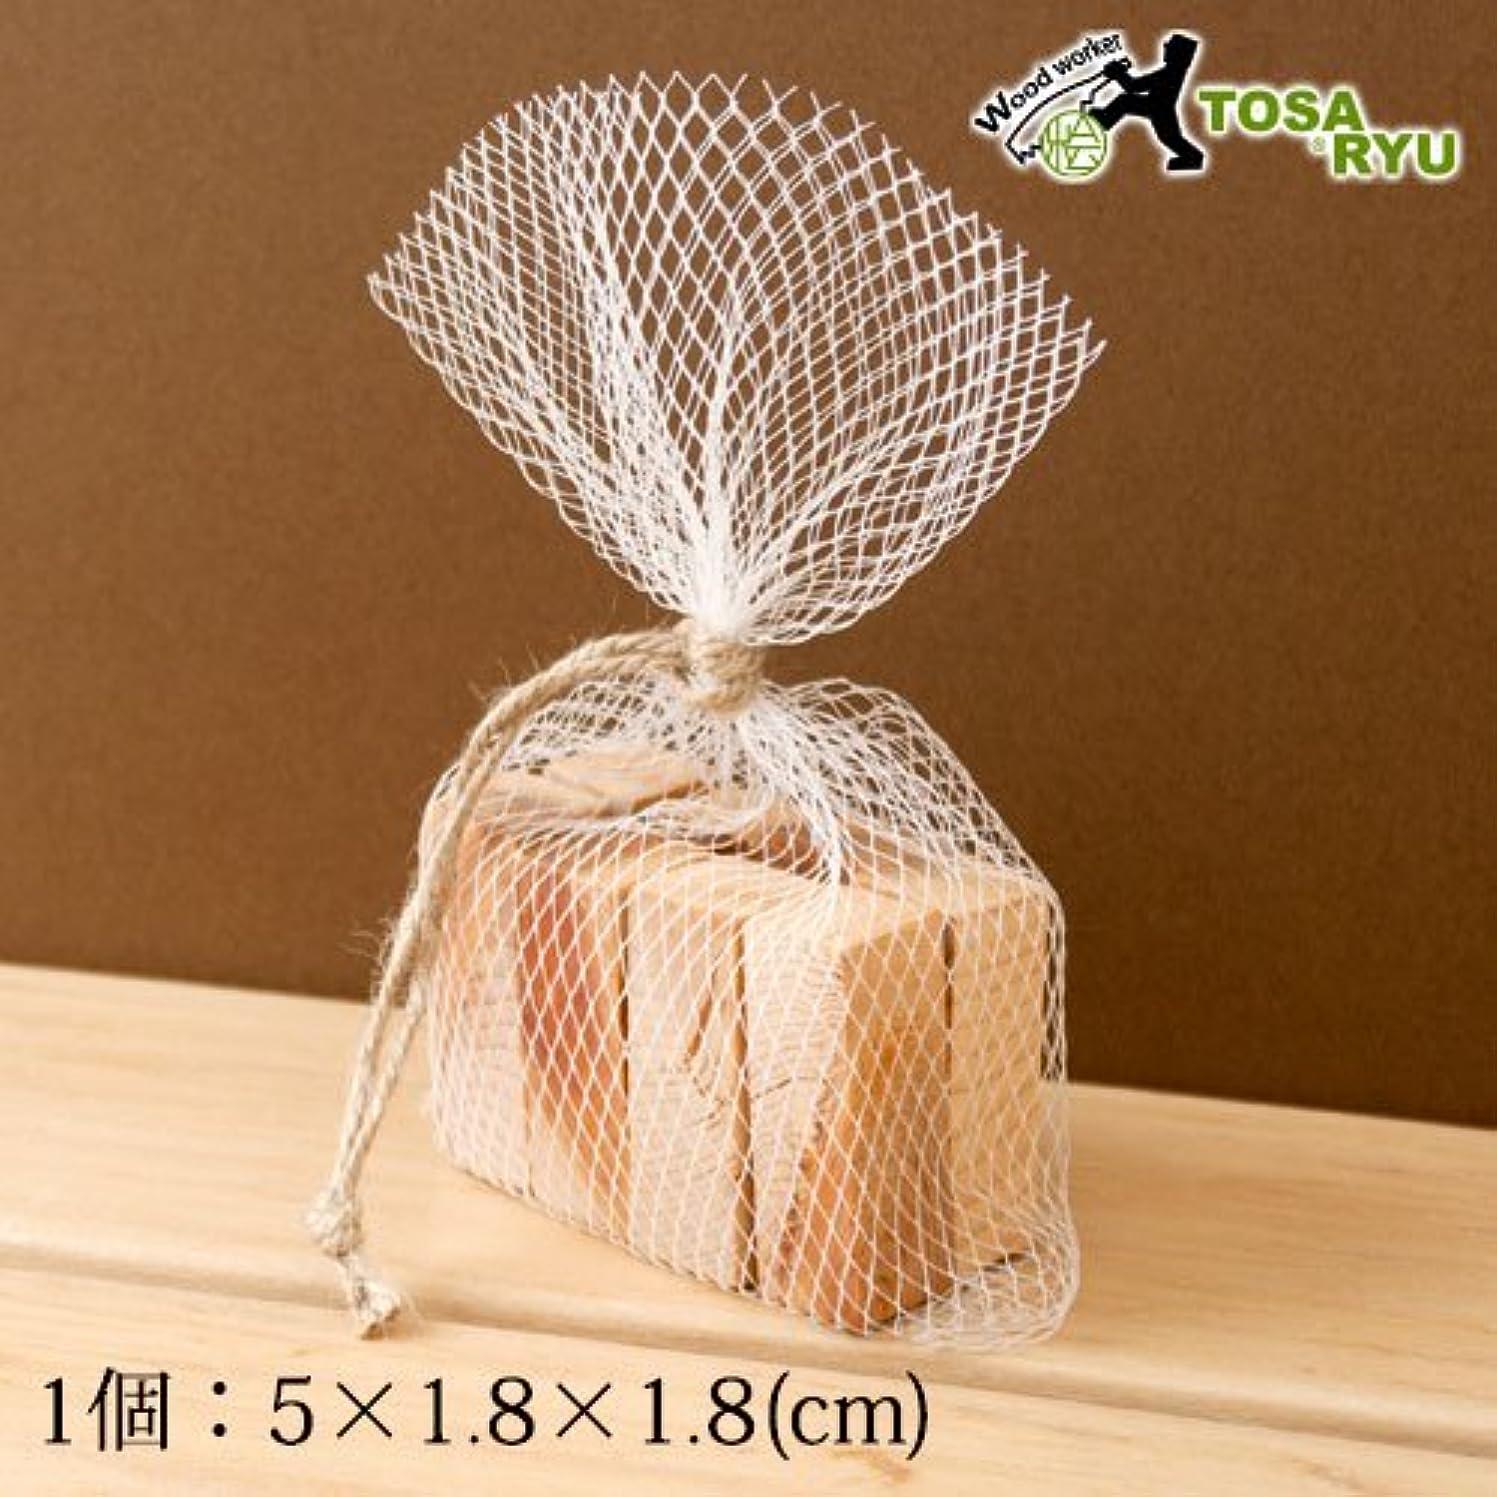 八使役主張する土佐龍アロマブロックメッシュ袋入り高知県の工芸品Bath additive of cypress, Kochi craft